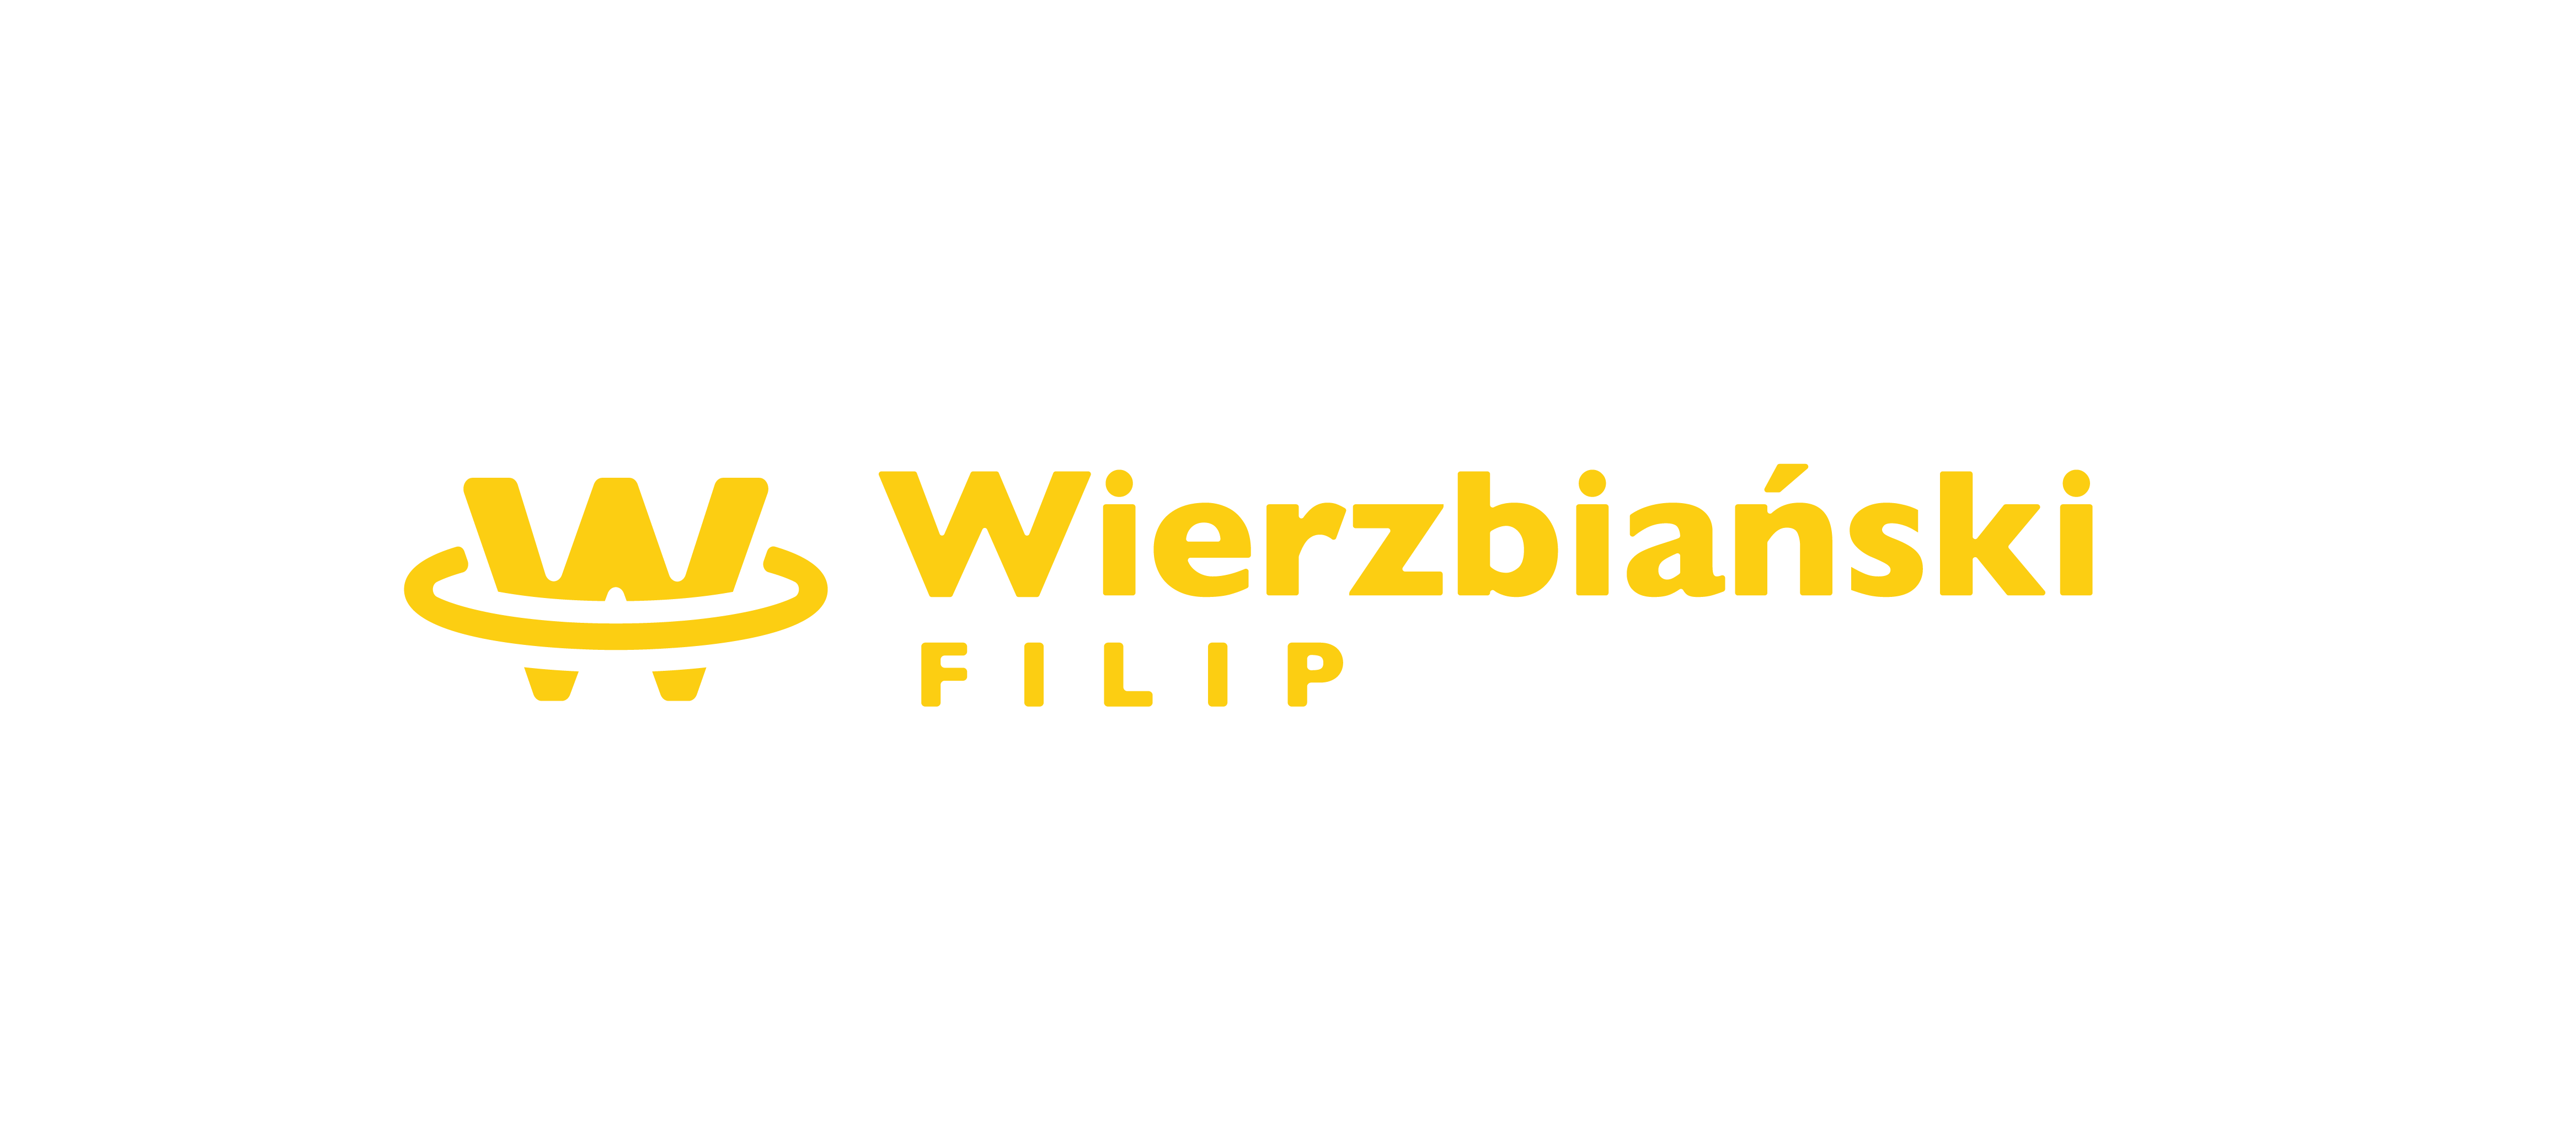 Wierzbiański Filip